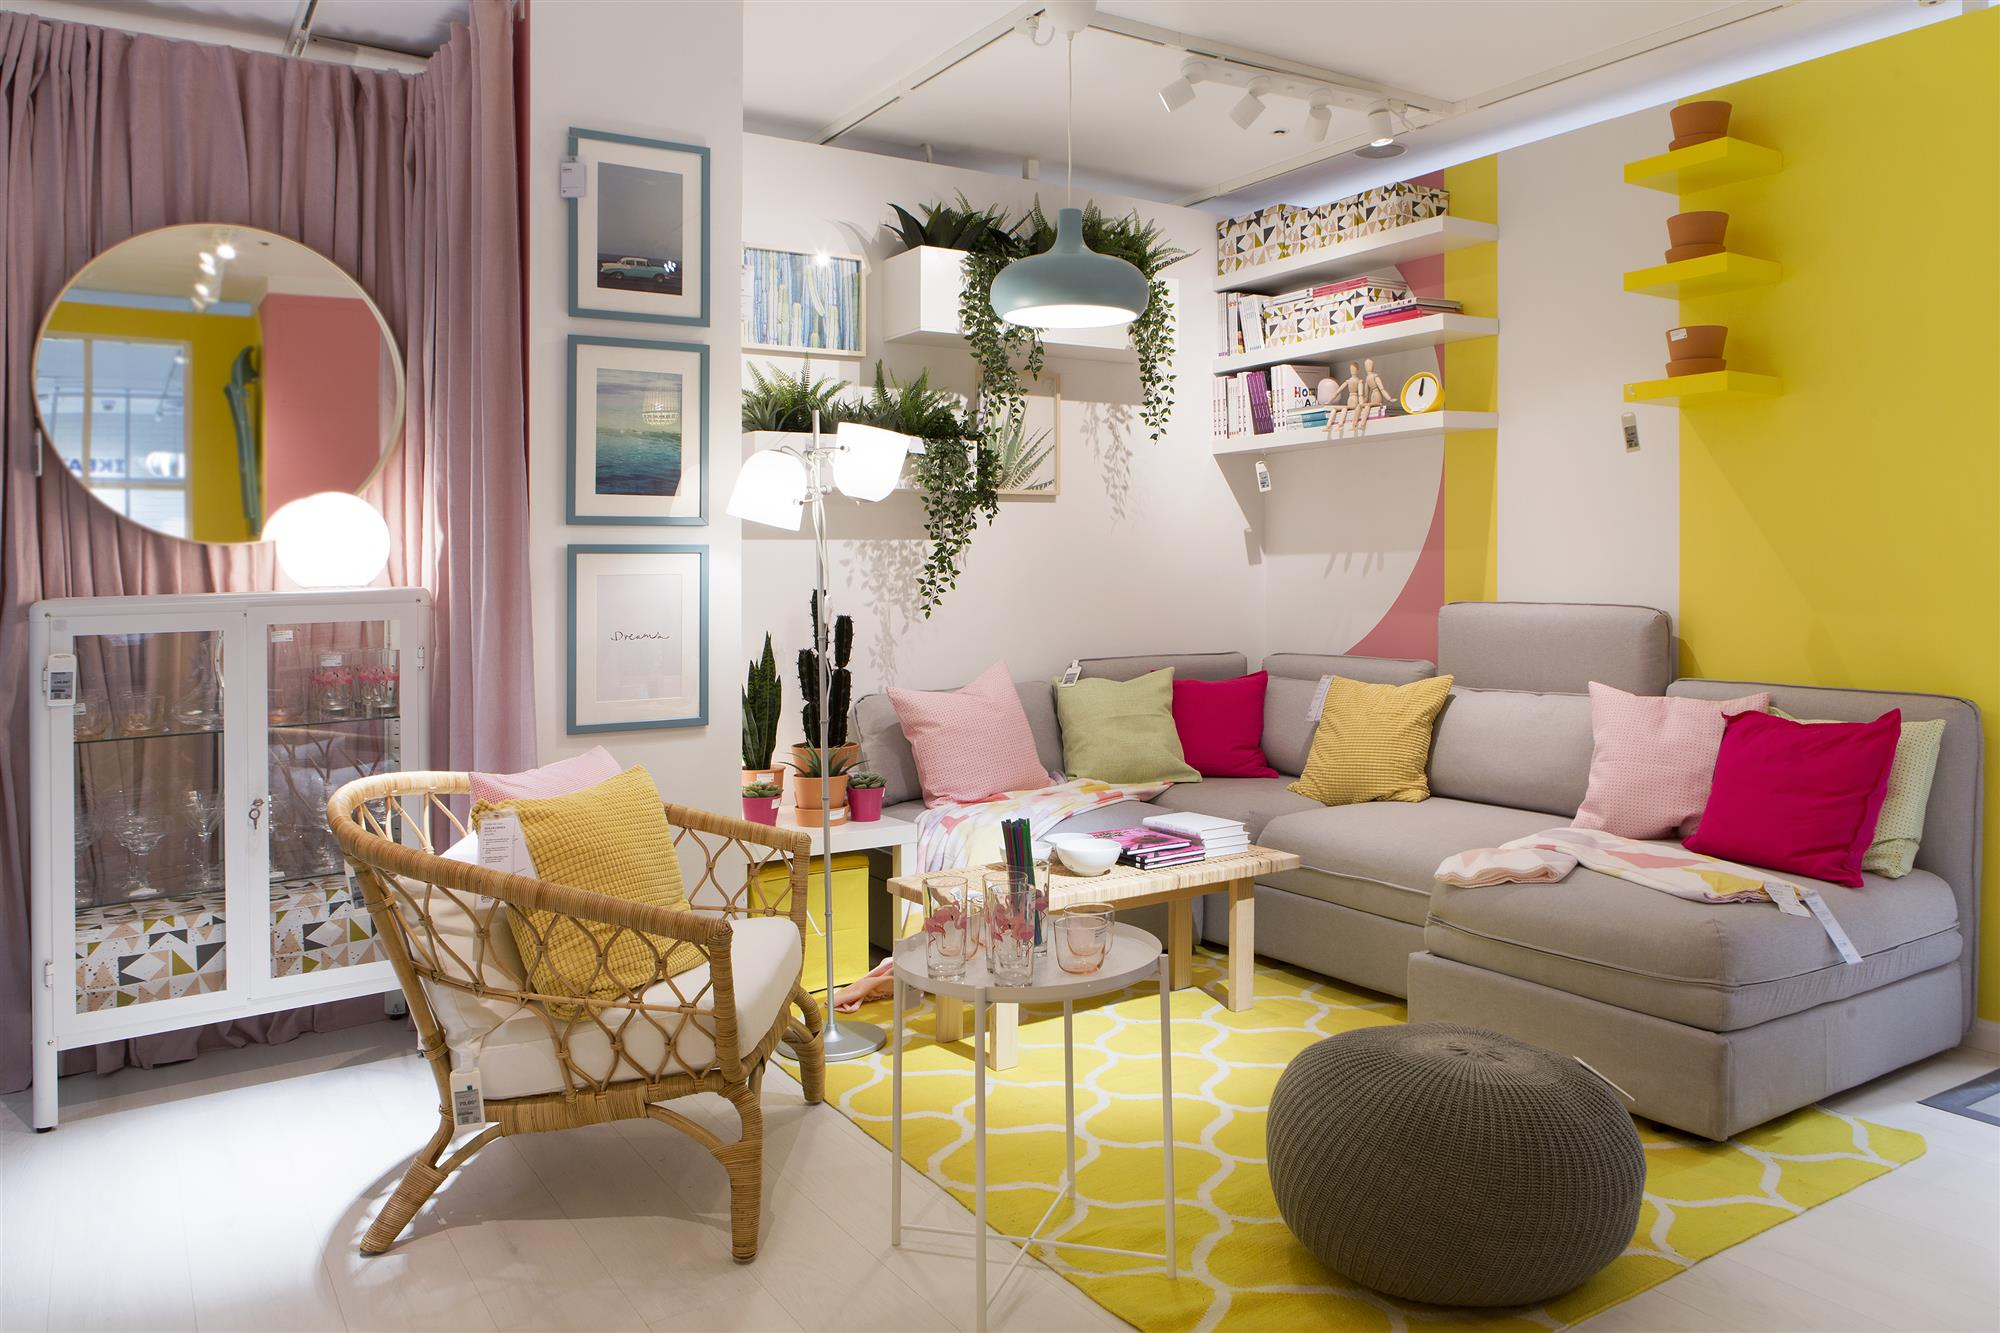 Ikea abre nueva tienda en madrid - Ikea muebles salon comedor ...